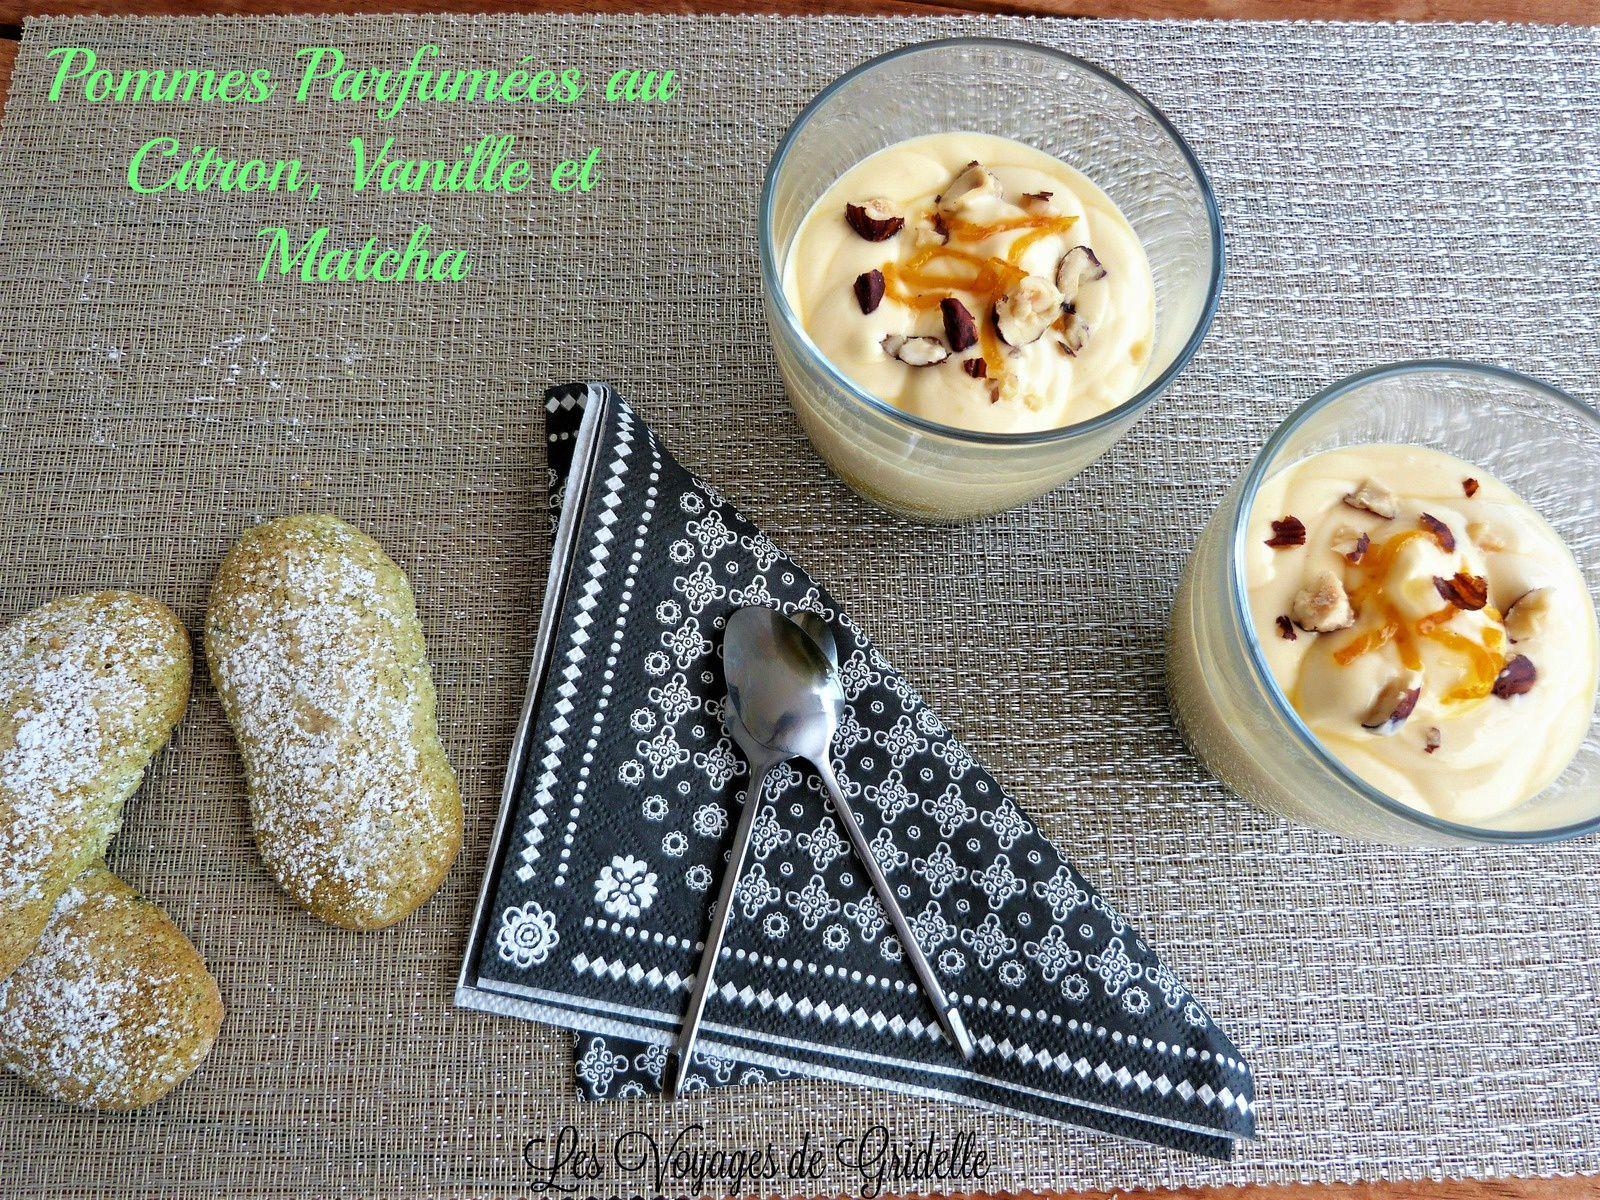 Pommes Parfumées au Citron, Vanille et Matcha